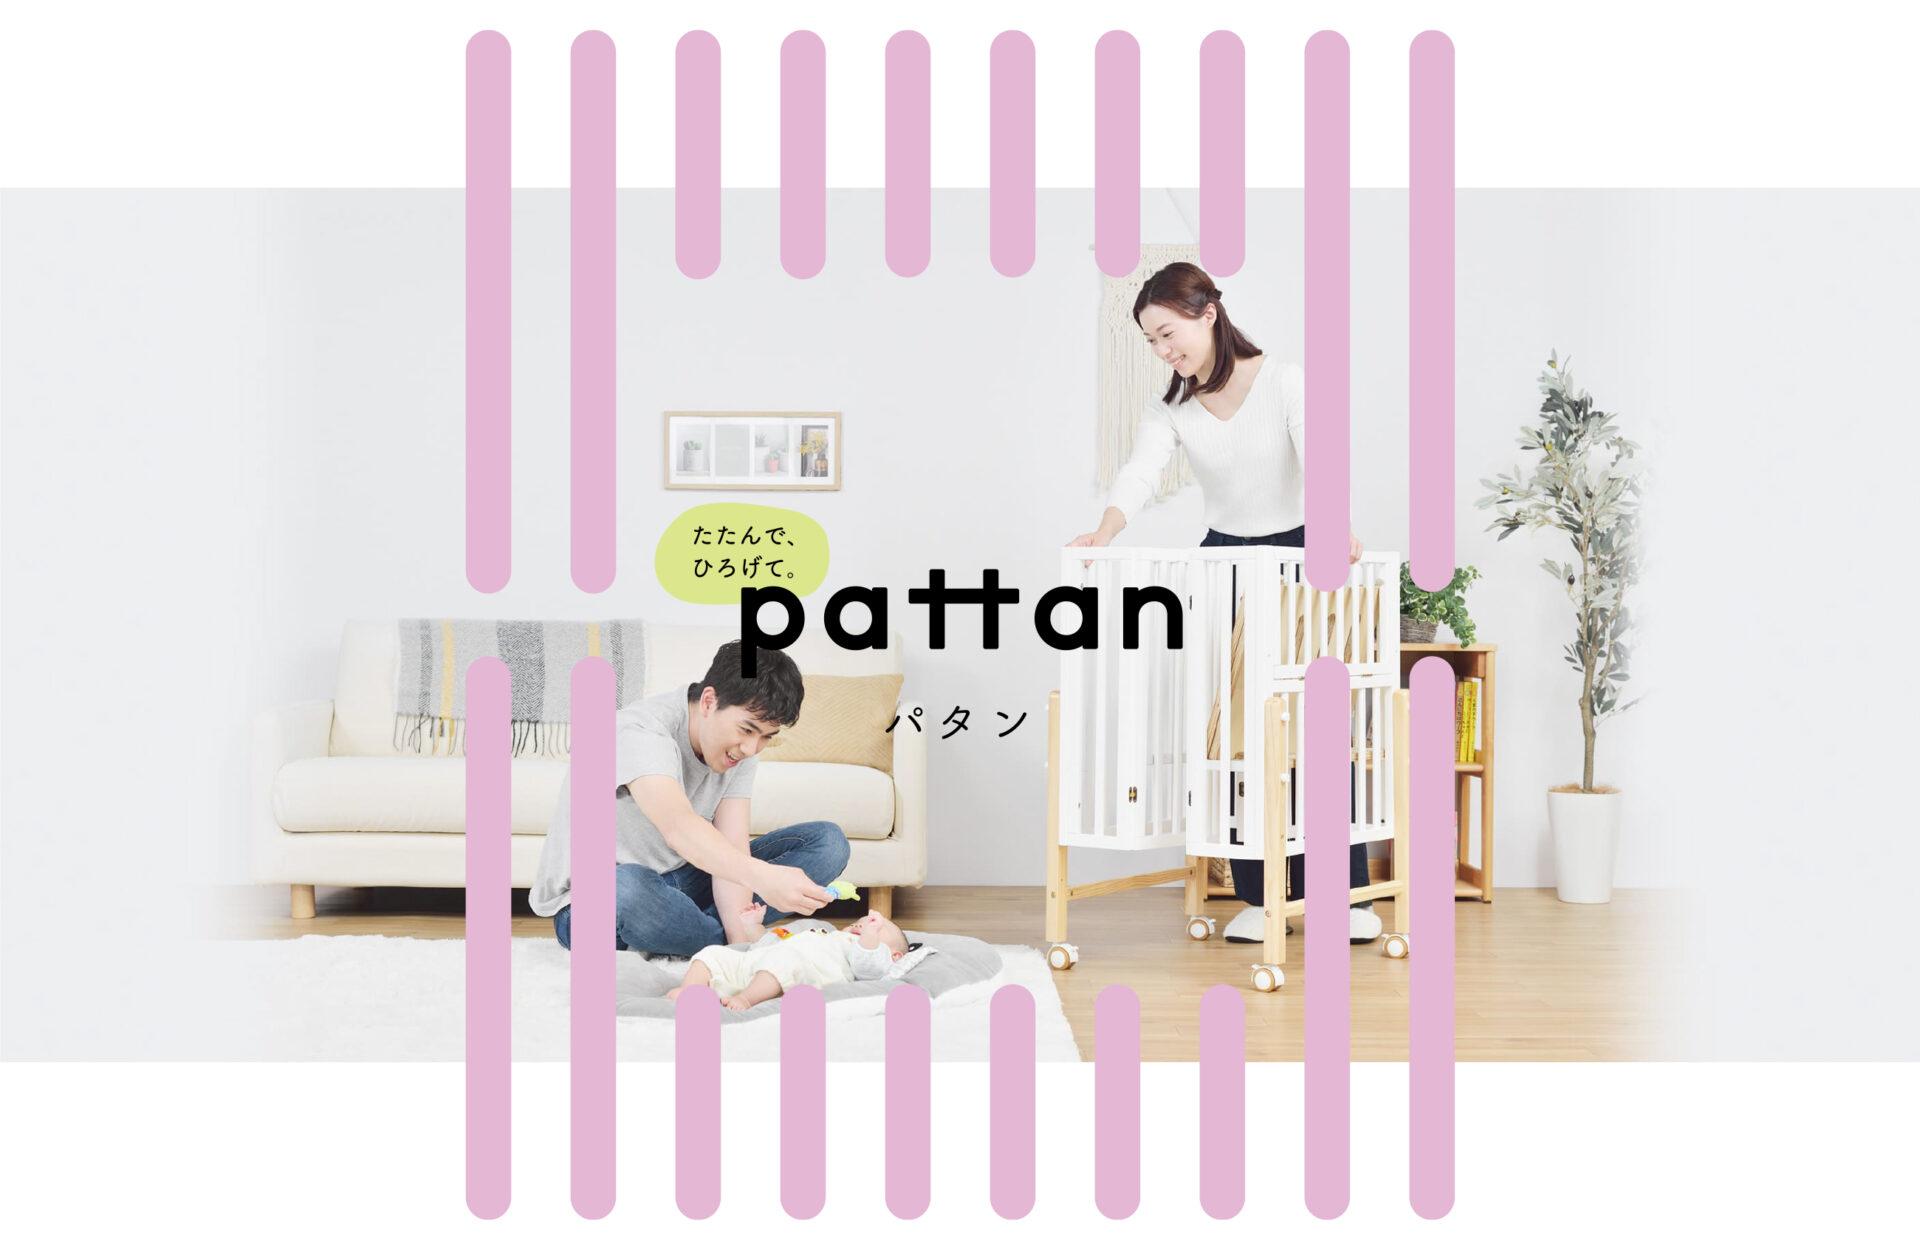 「パタンⅡ折りたたみミニベビーベッド」新発売!